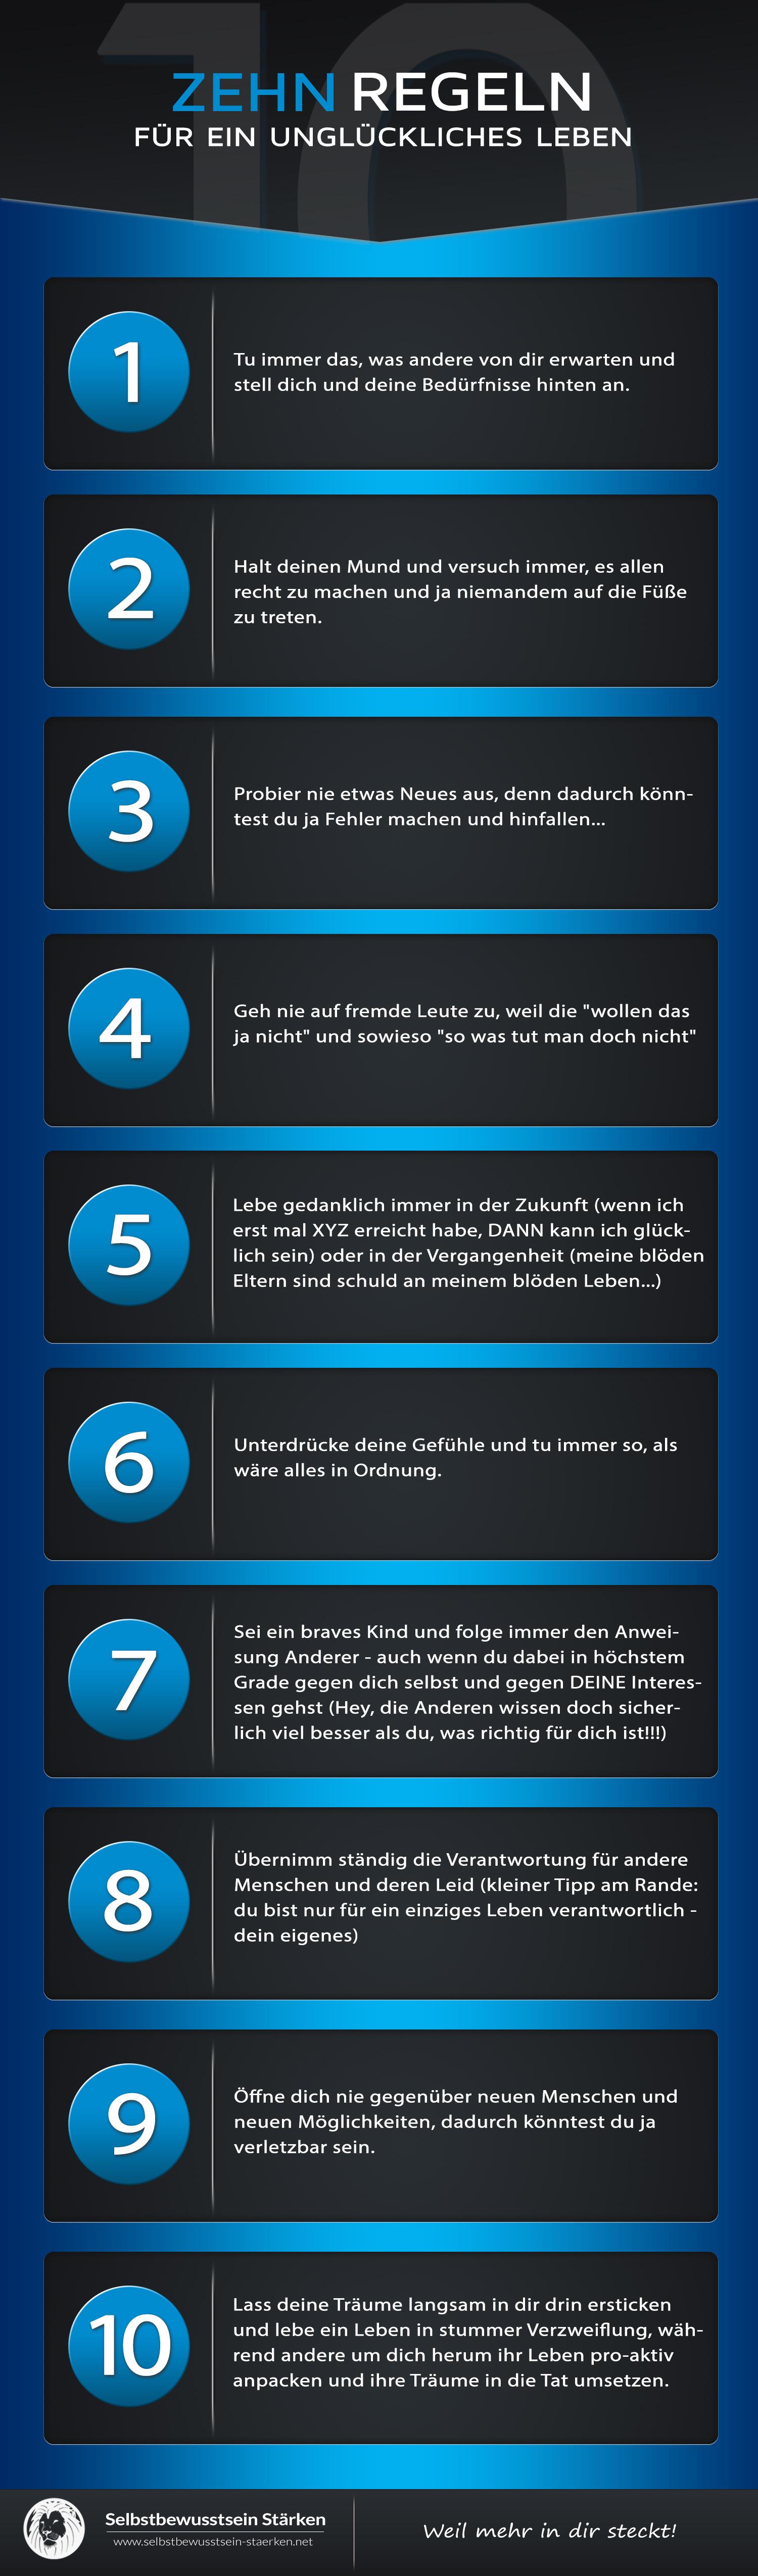 10 Regeln für ein unglückliches Leben